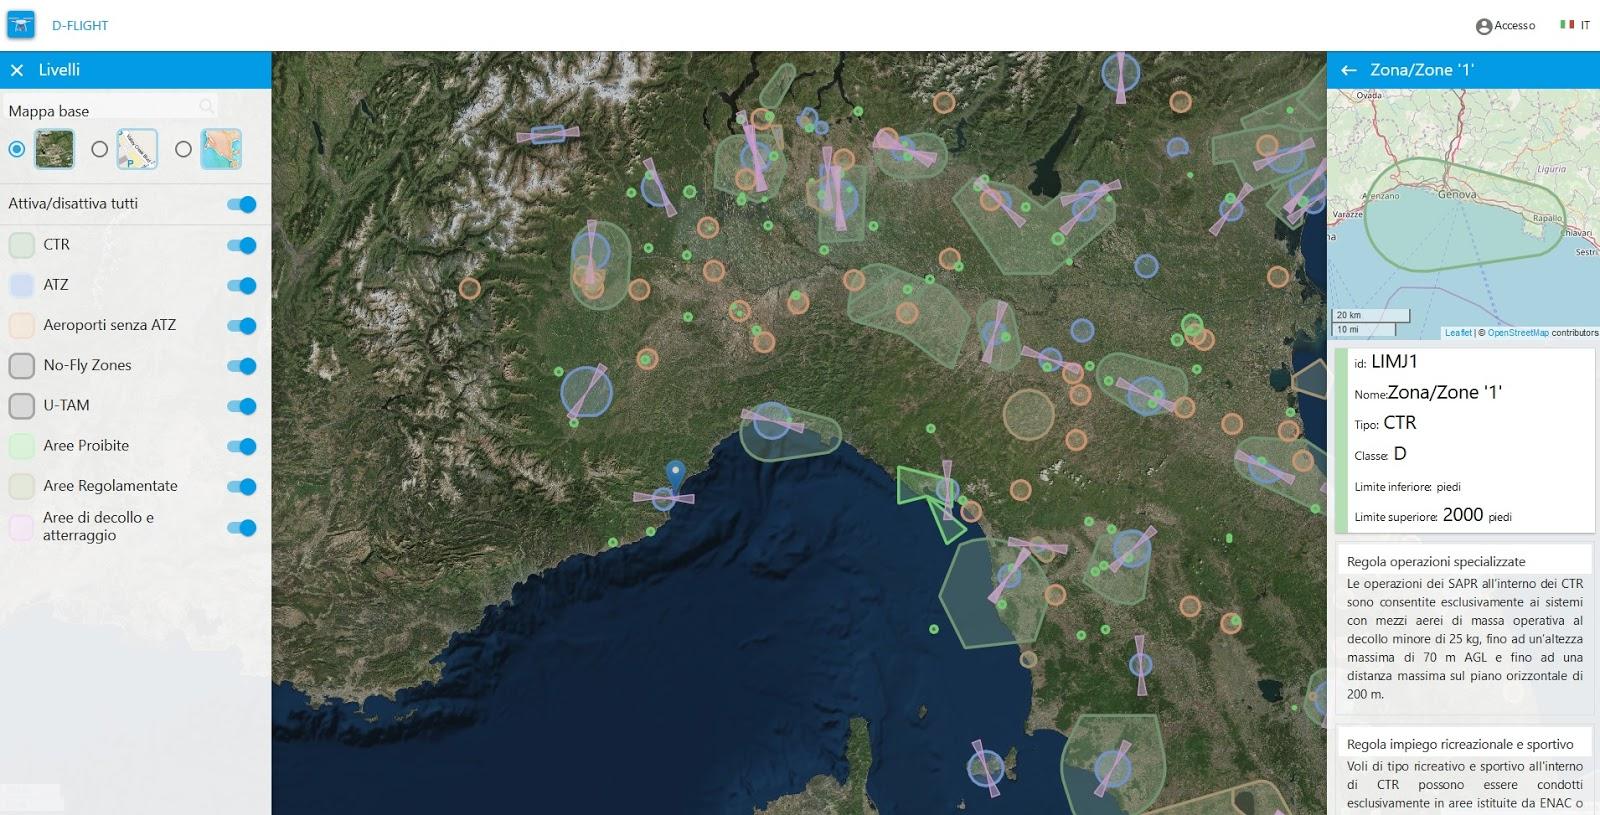 Cartina Italia Javascript.D Flight Ecco Le Mappe Gratuite Per Capire Dove Poter Volare Con Drone Ad Uso Ludico E Con Drone Professionale Quadricottero News